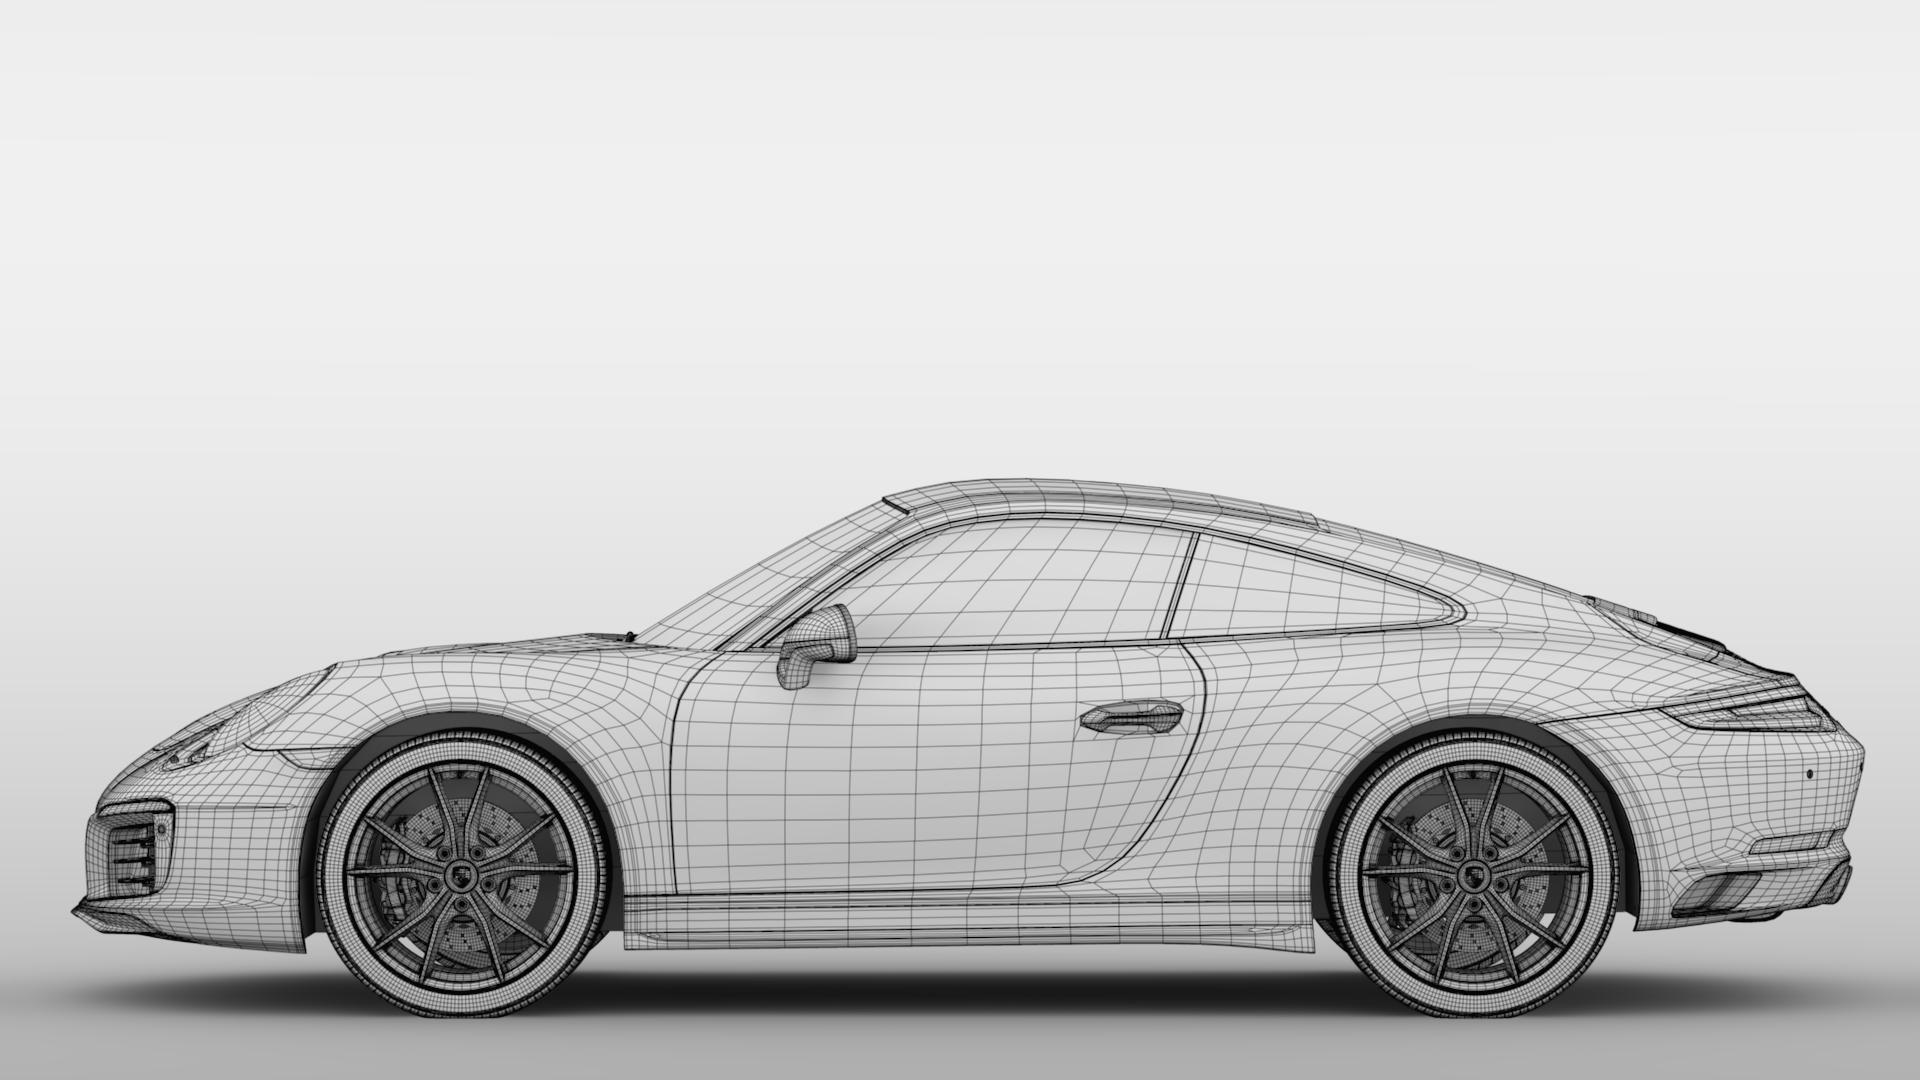 porsche 911 carrera t coupe (991) 2018 3d model max fbx c4d lwo ma mb hrc xsi obj 278981